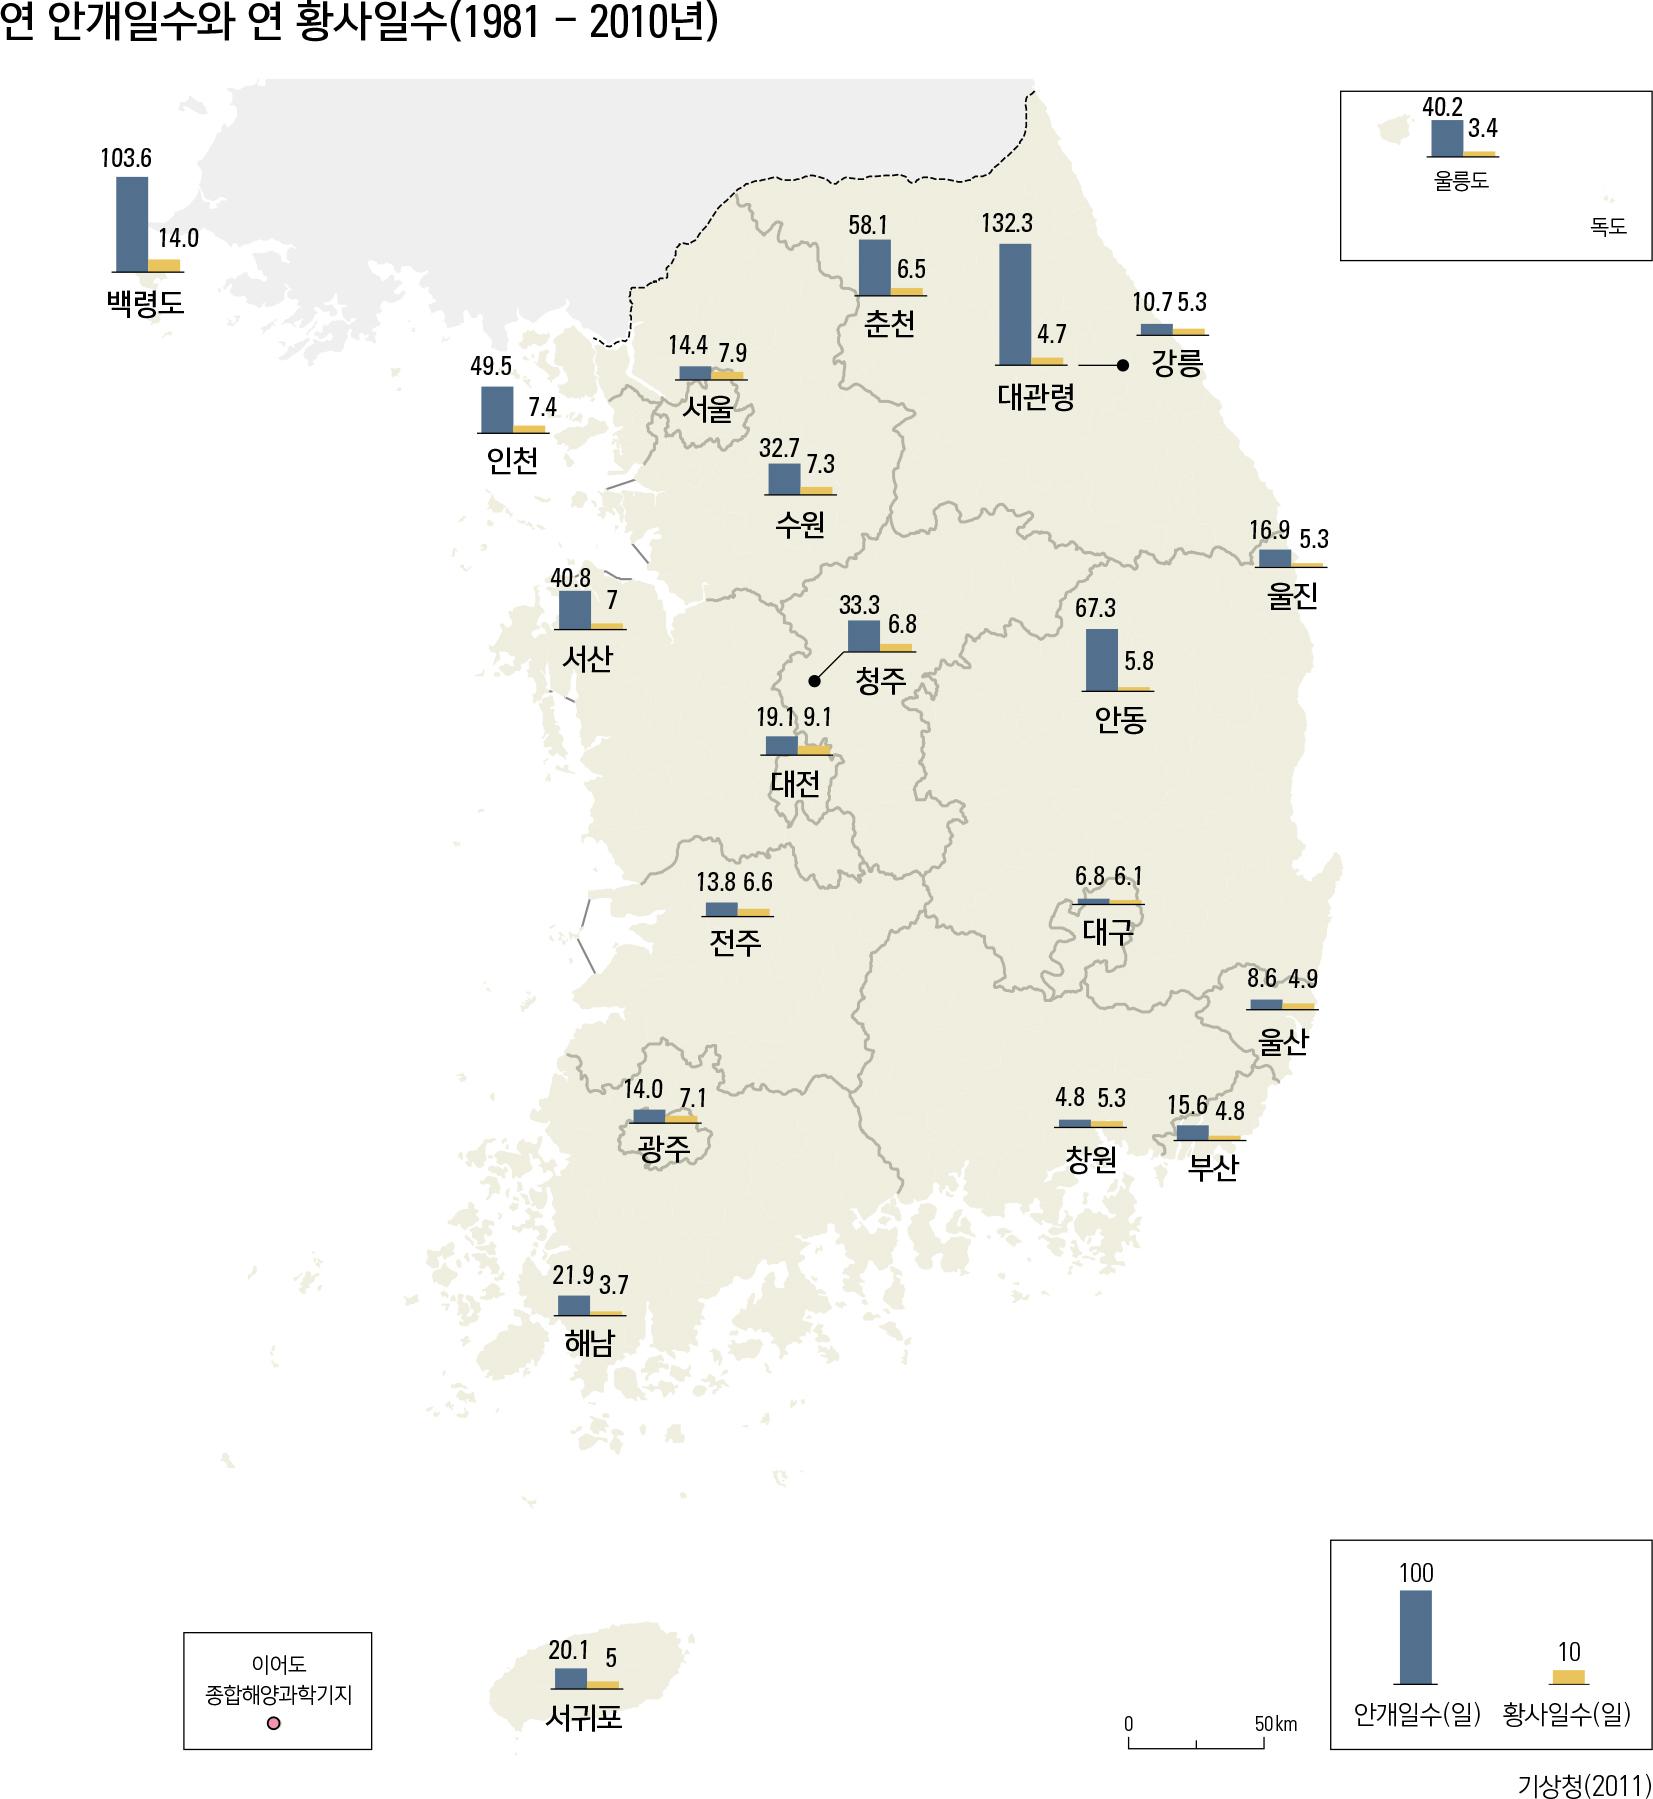 연 안개일수와 연 황사일수(1981 - 2010년)